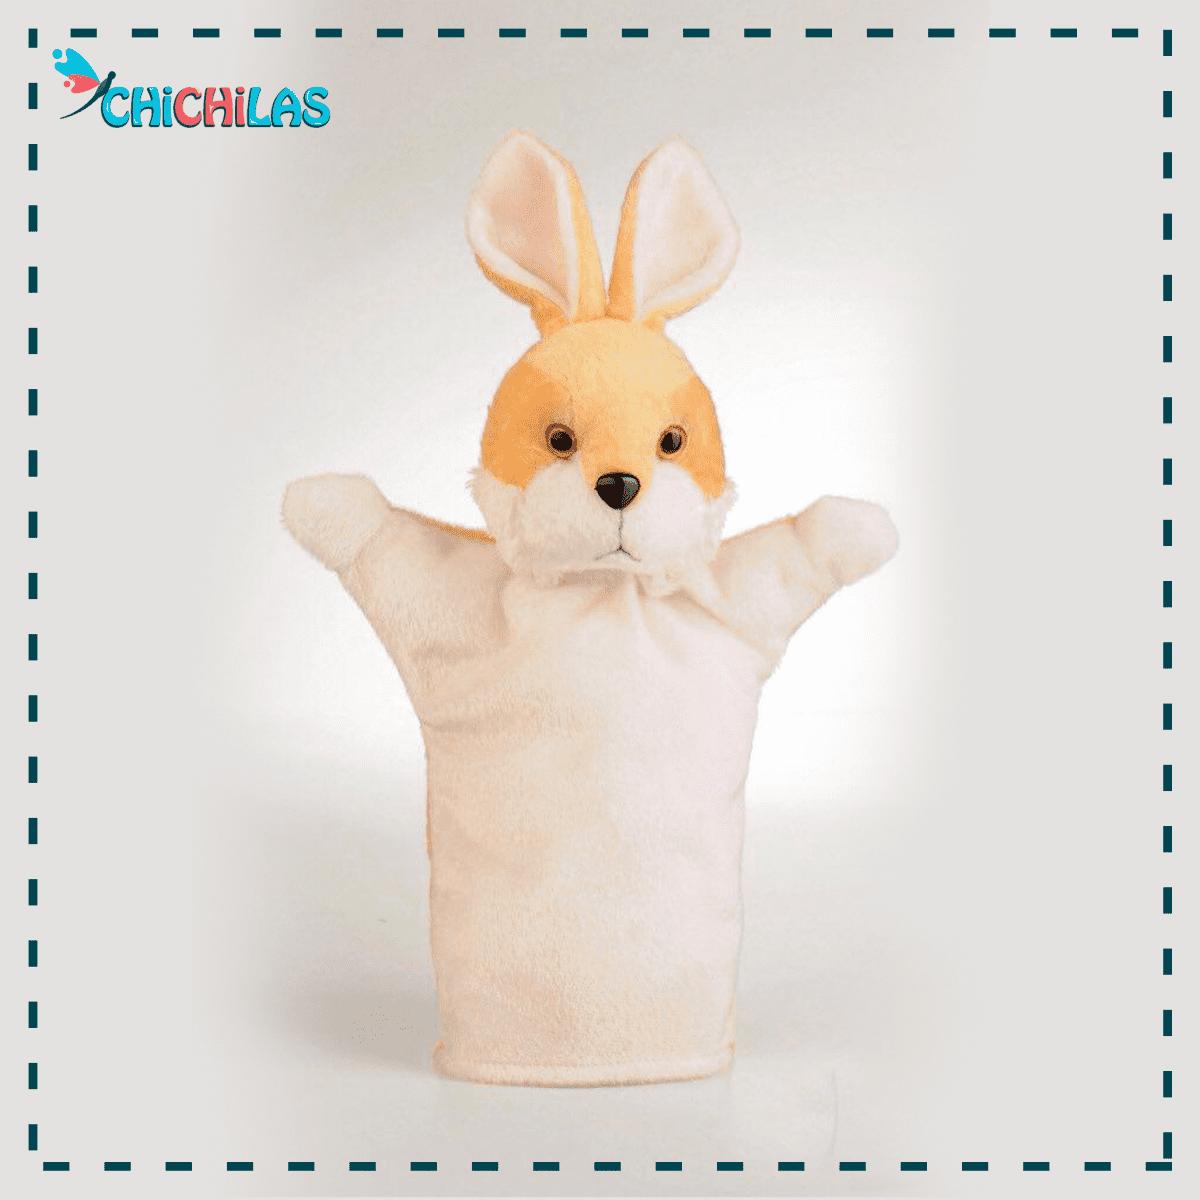 عروسک نمایشی خرگوش - پاپت خرگوش - عروسک نمایشی حیوانات